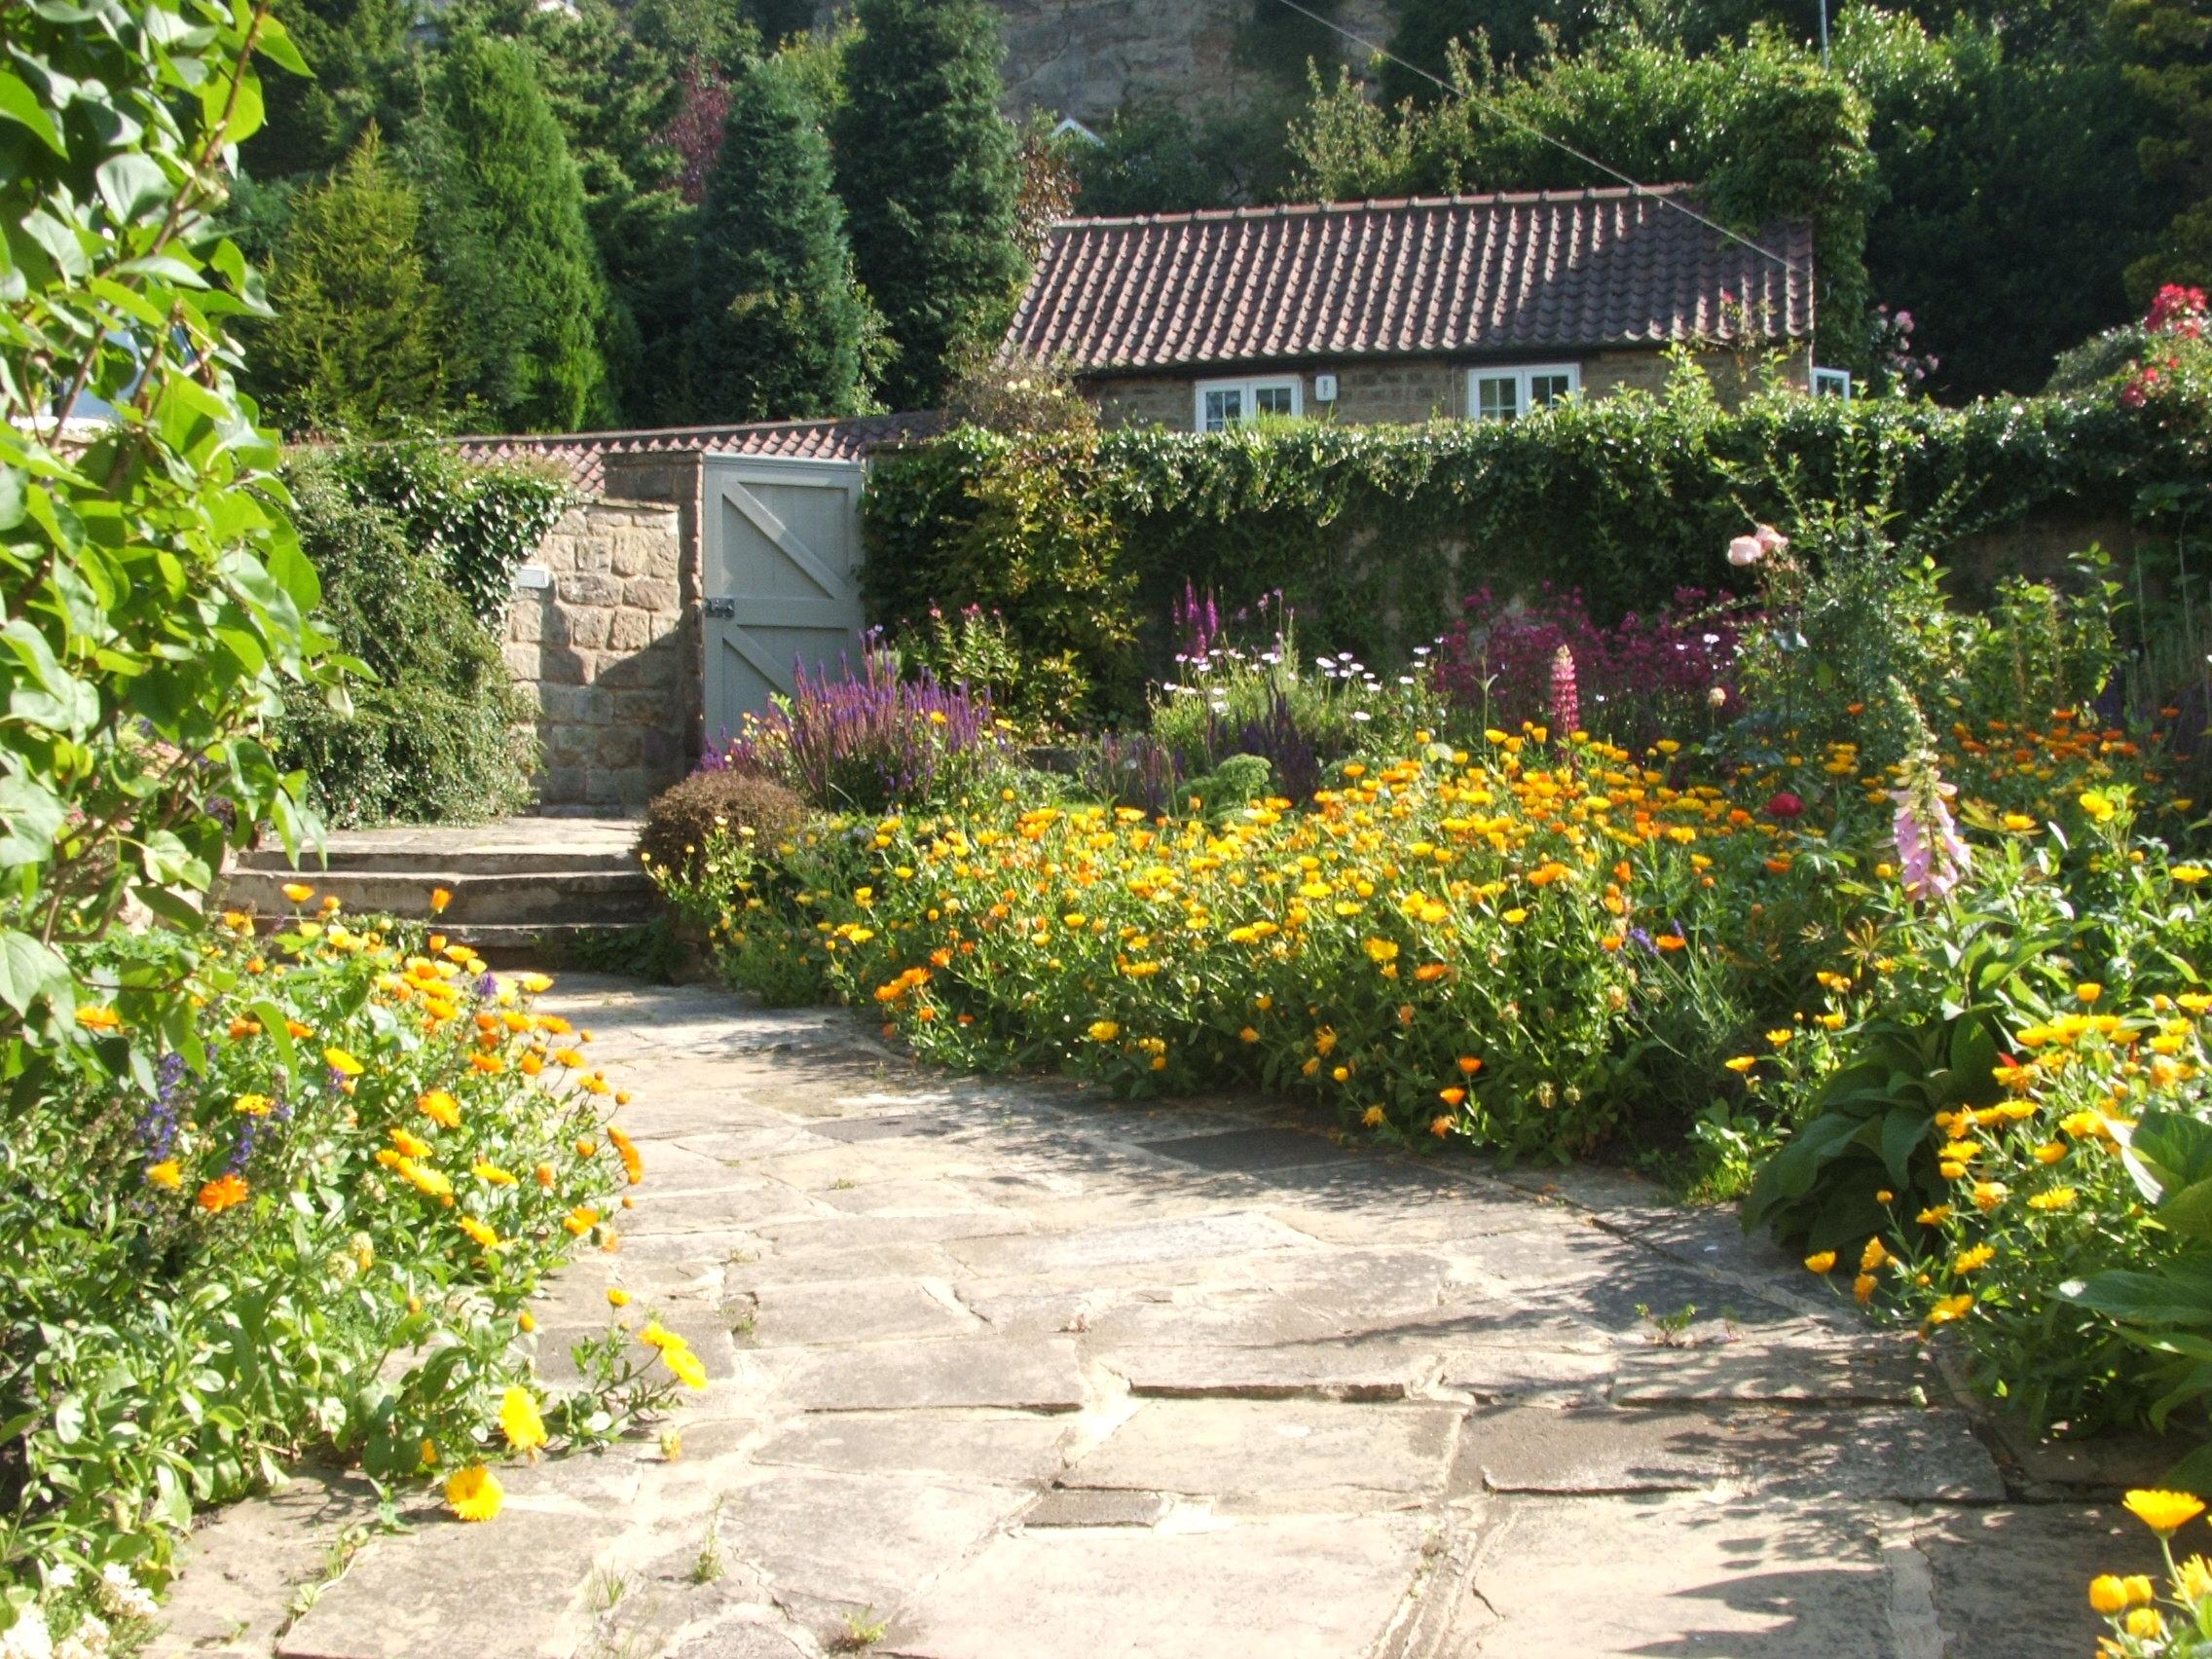 Yorkshire Garden Designs by Lorna Batchelor